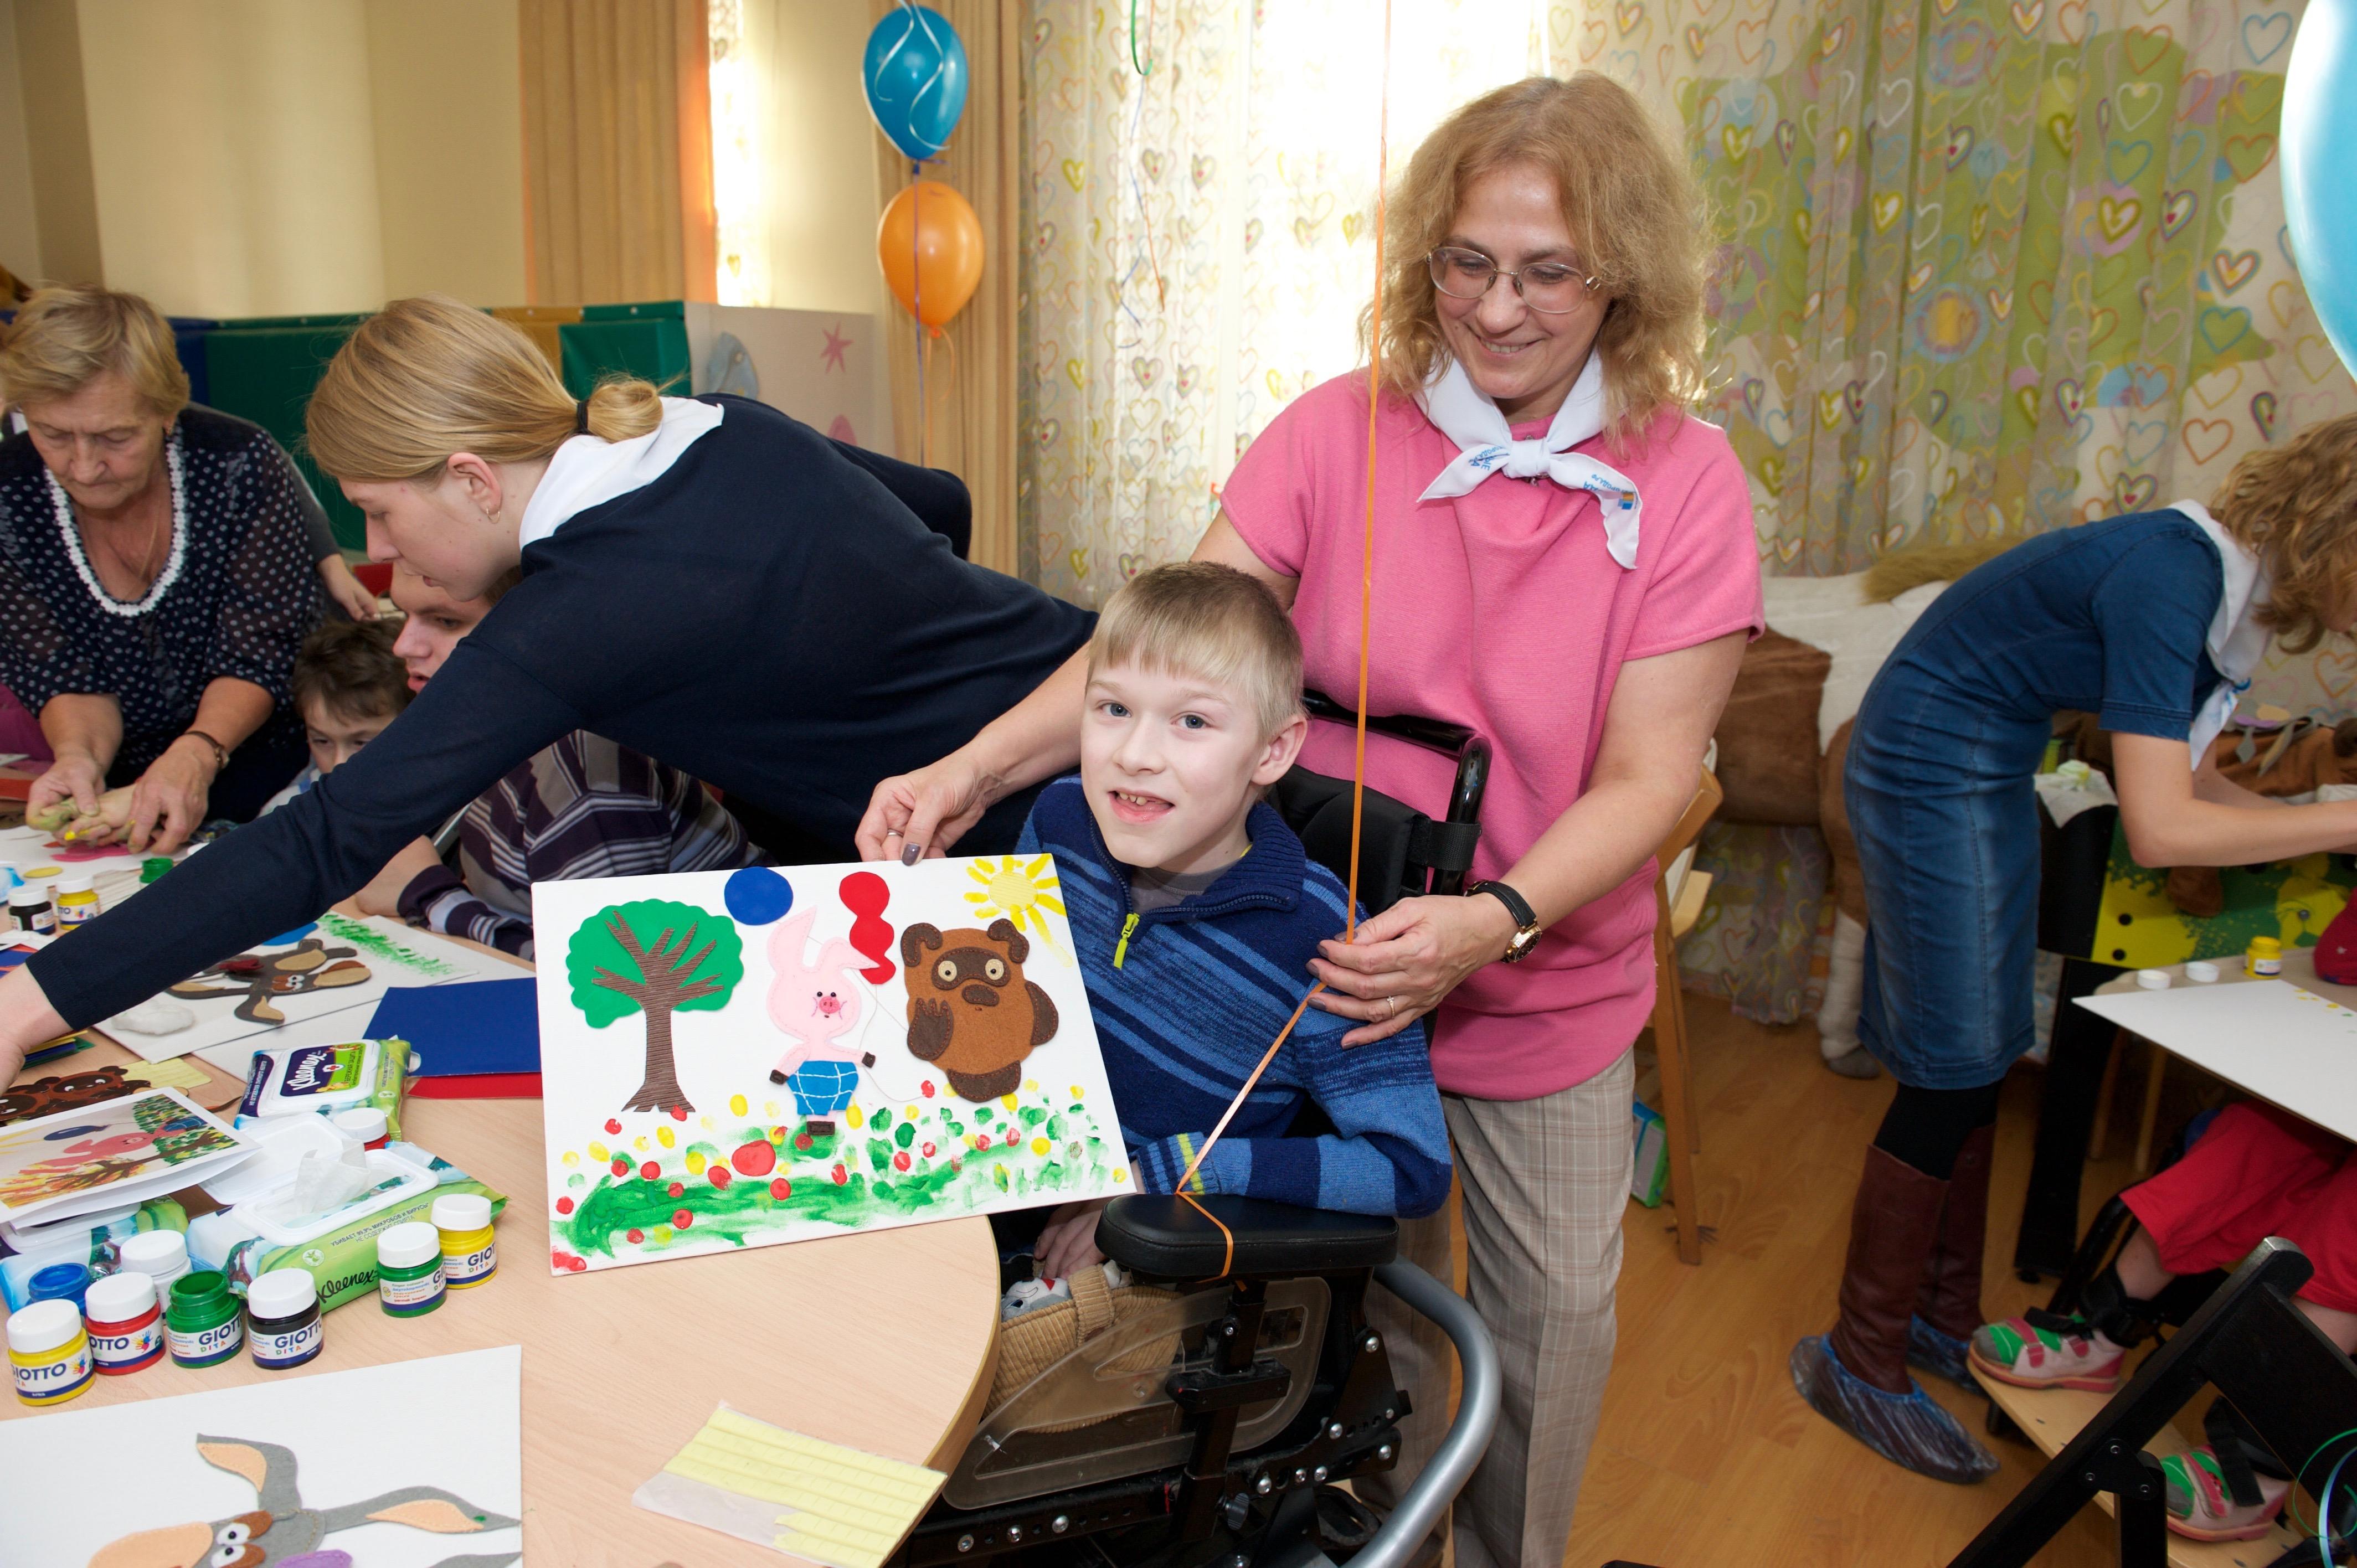 Волонтеры «Газпром нефти» провели занятие по арт-терапии для пациентов детского хосписа в Санкт-Петербурге